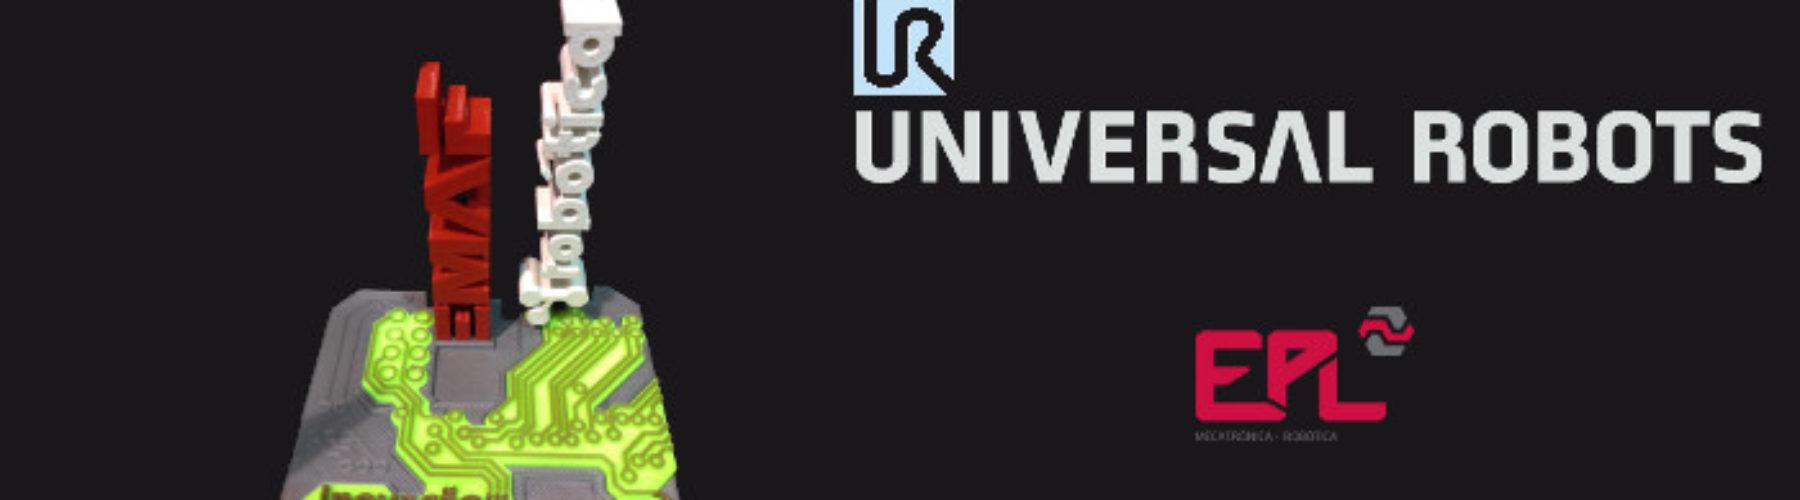 Universal Robot ganha Prémio Inovação na EMAF 2014